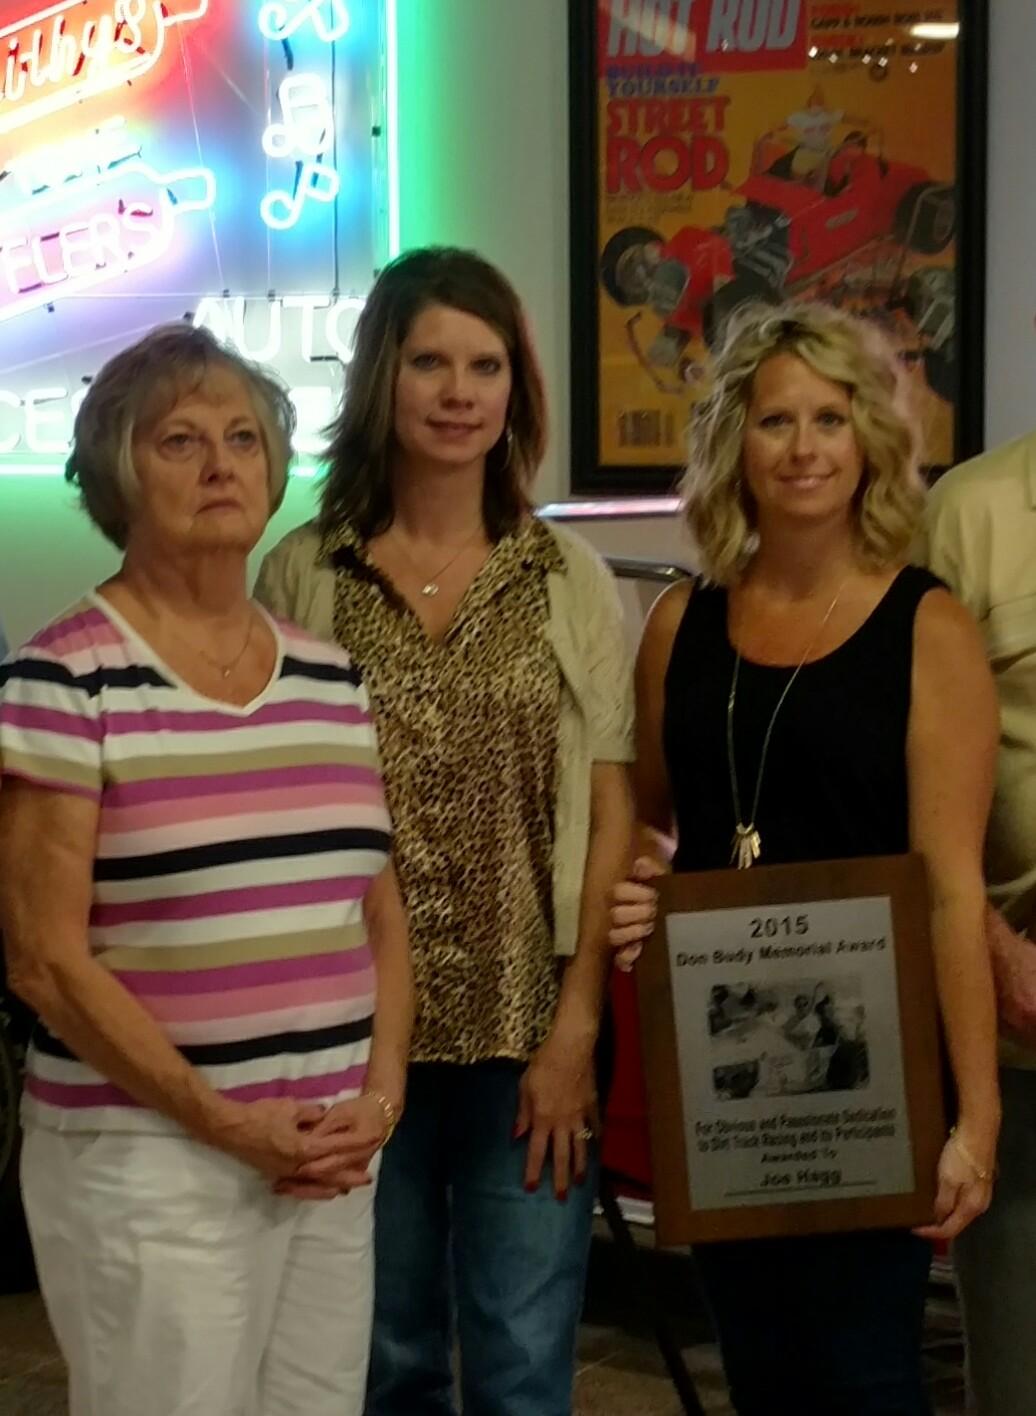 The Don Buddy Award